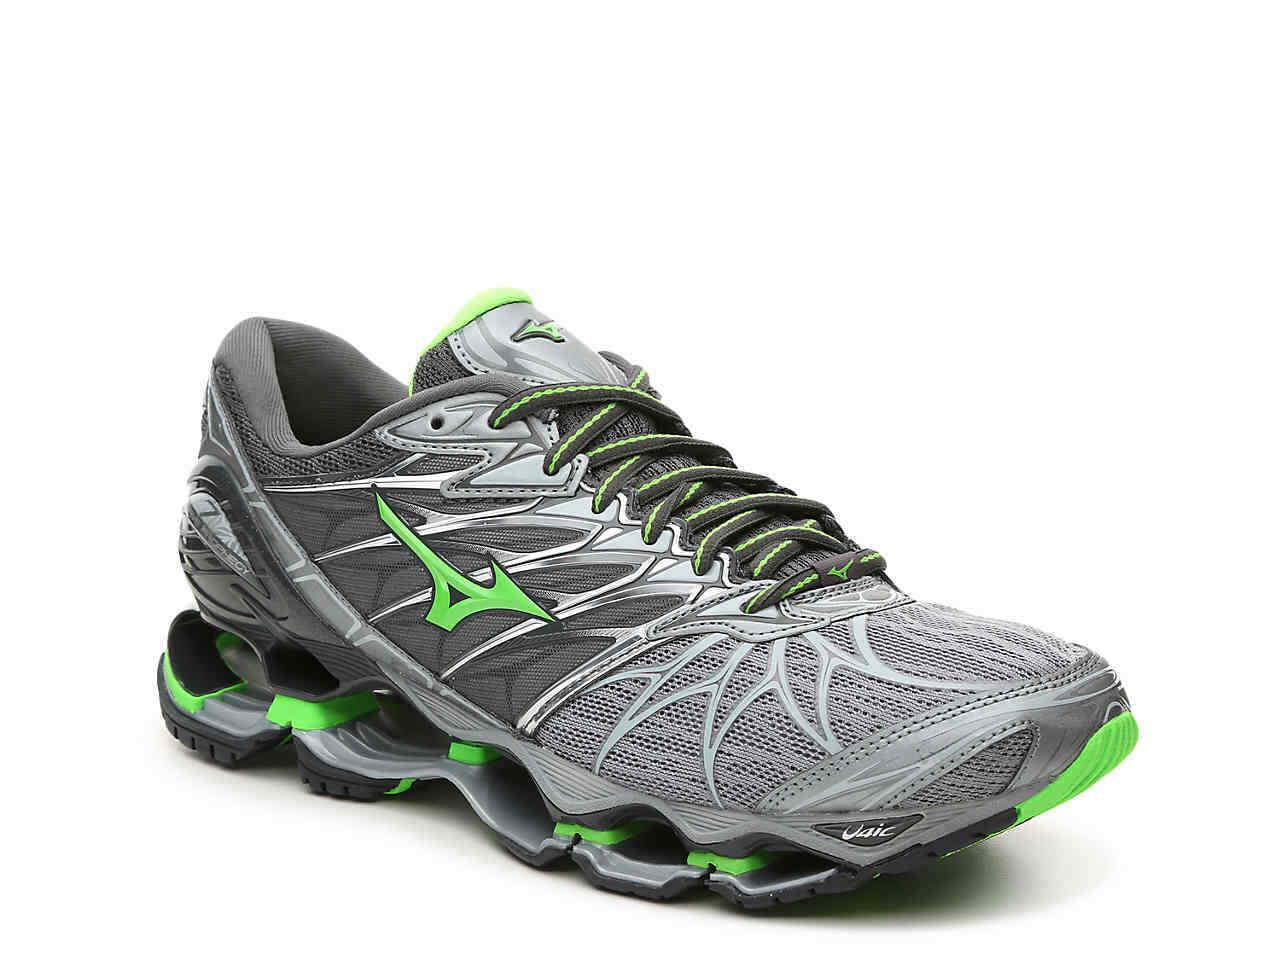 Mizuno's Wave Prophecy  7 Men's Running scarpe (Dimensione 8) Monumento   verde Slime  buona qualità